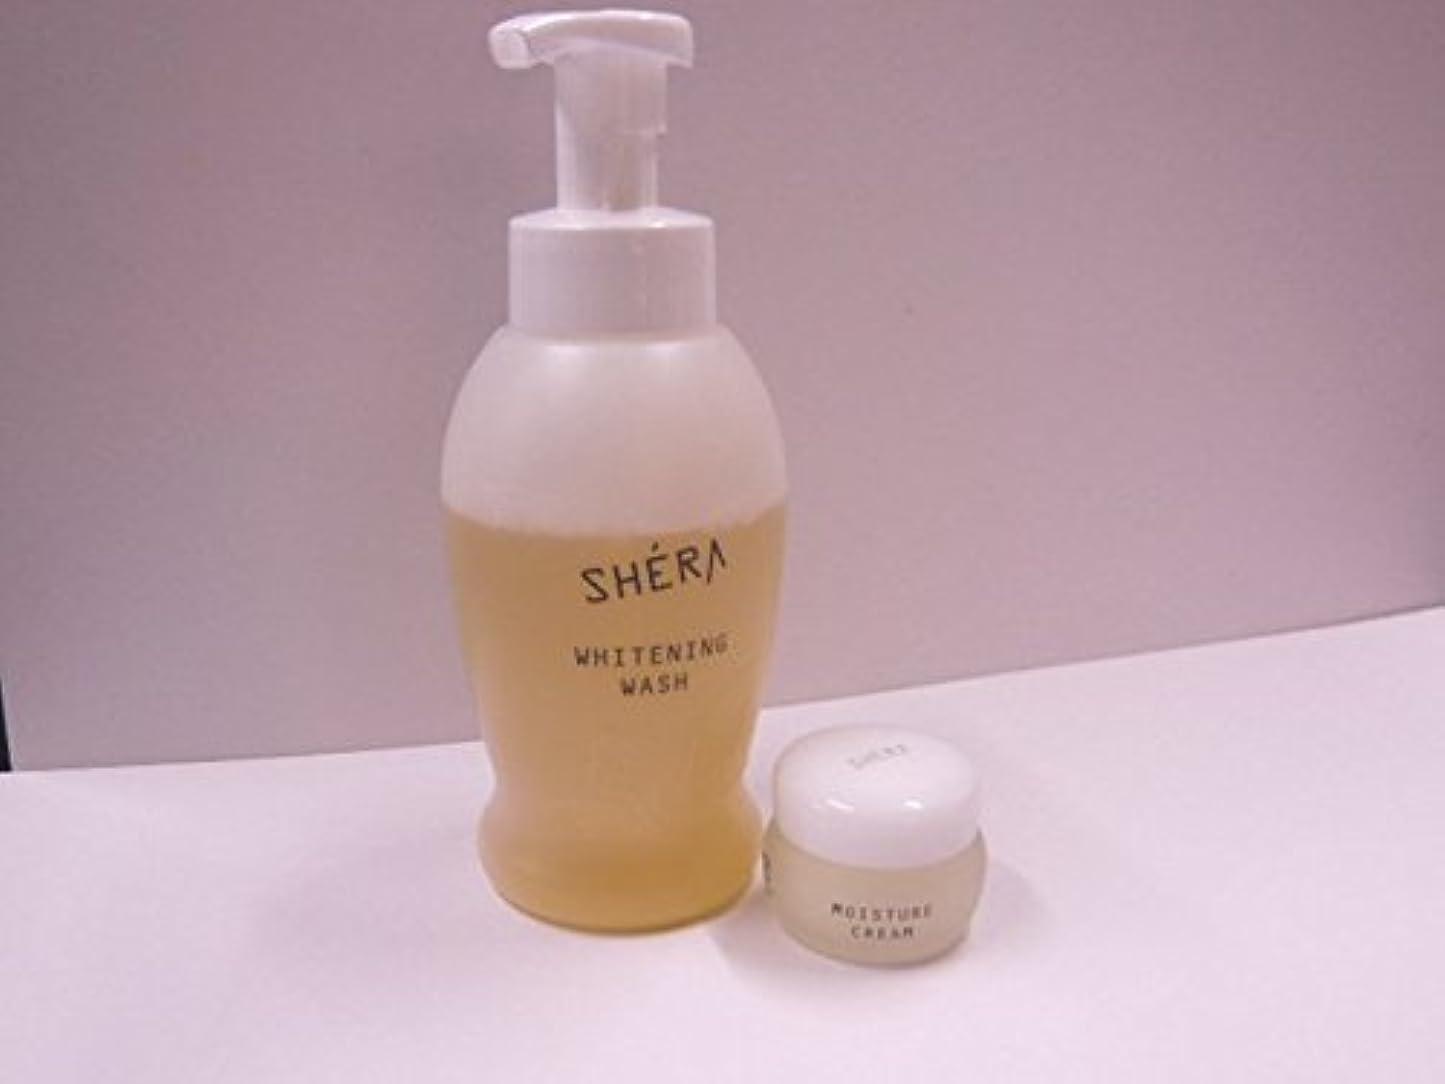 入場写真を撮る松明きれいになる2!SHERA シェラバートン シェラウオッシュ 380ml泡タイプ+SHERA moisture cream(保湿ジェル)35g